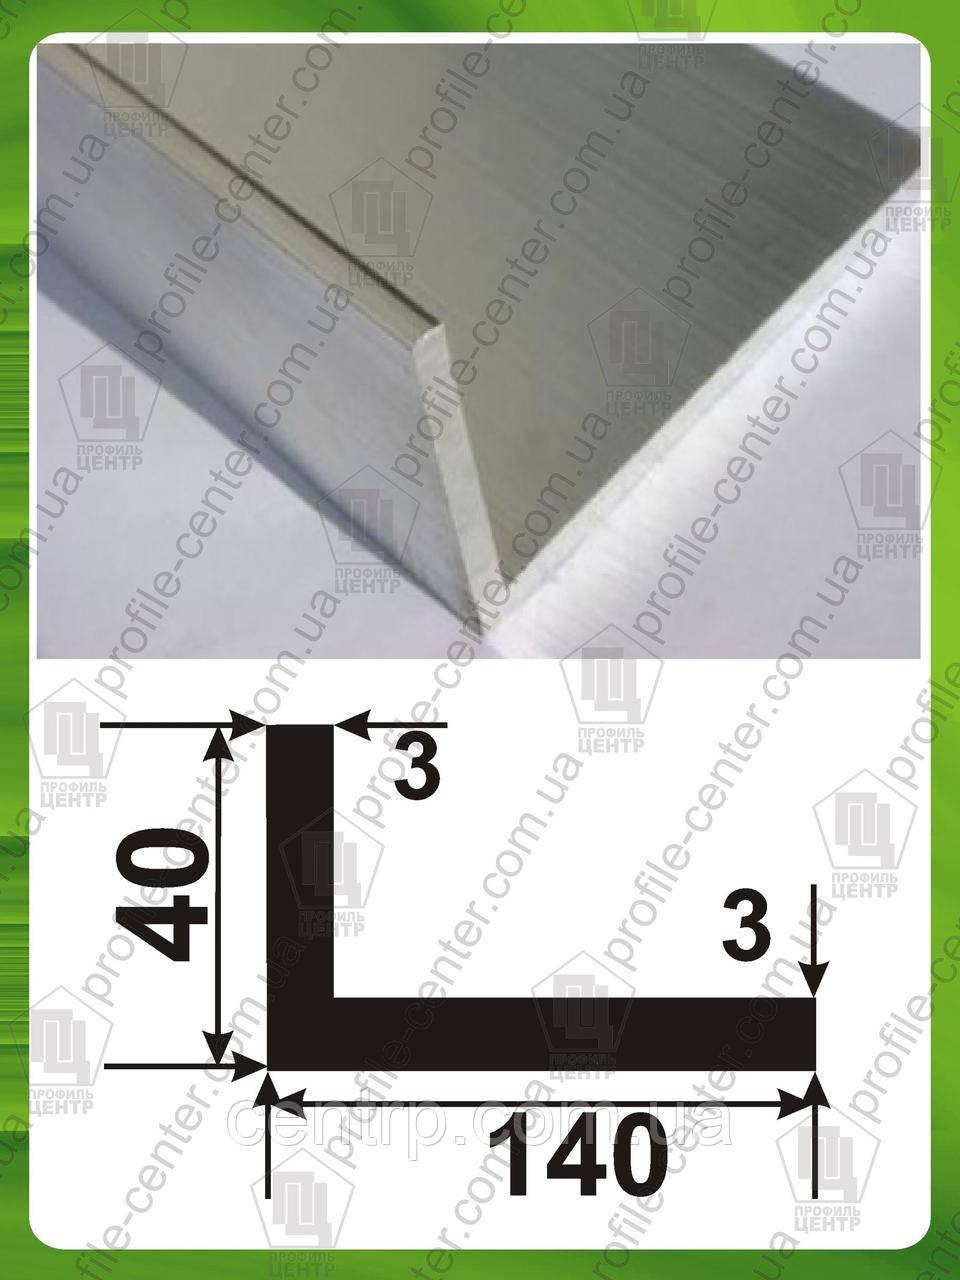 Уголок алюминиевый 140х40х3 разнополочный (разносторонний)